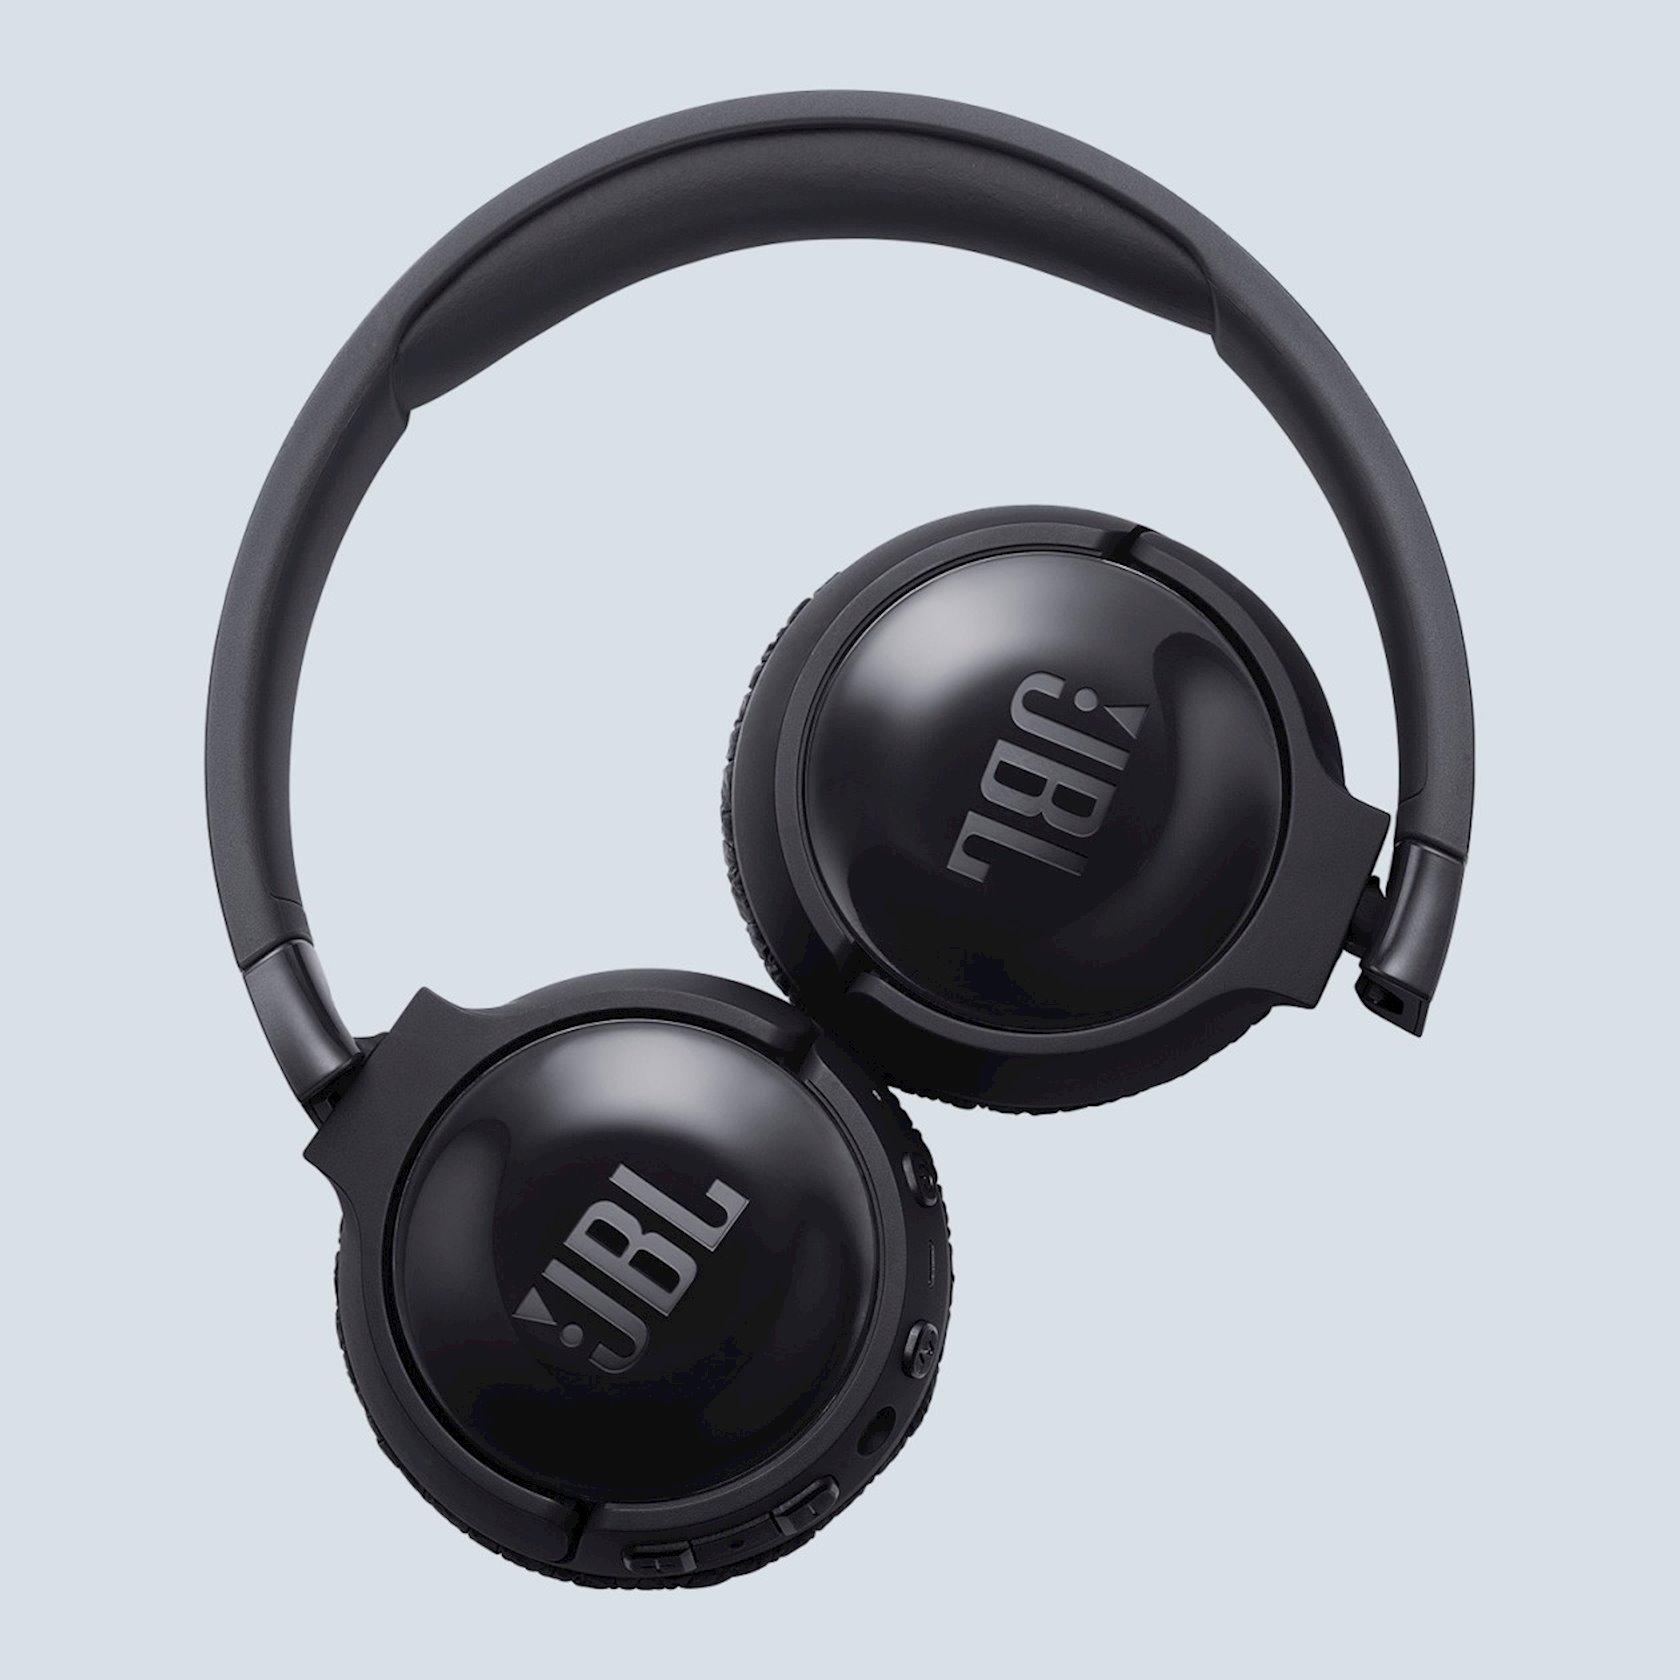 Simsiz qulaqlıqlar JBLTune 600BTNC Wireless On-Ear Headphones Black